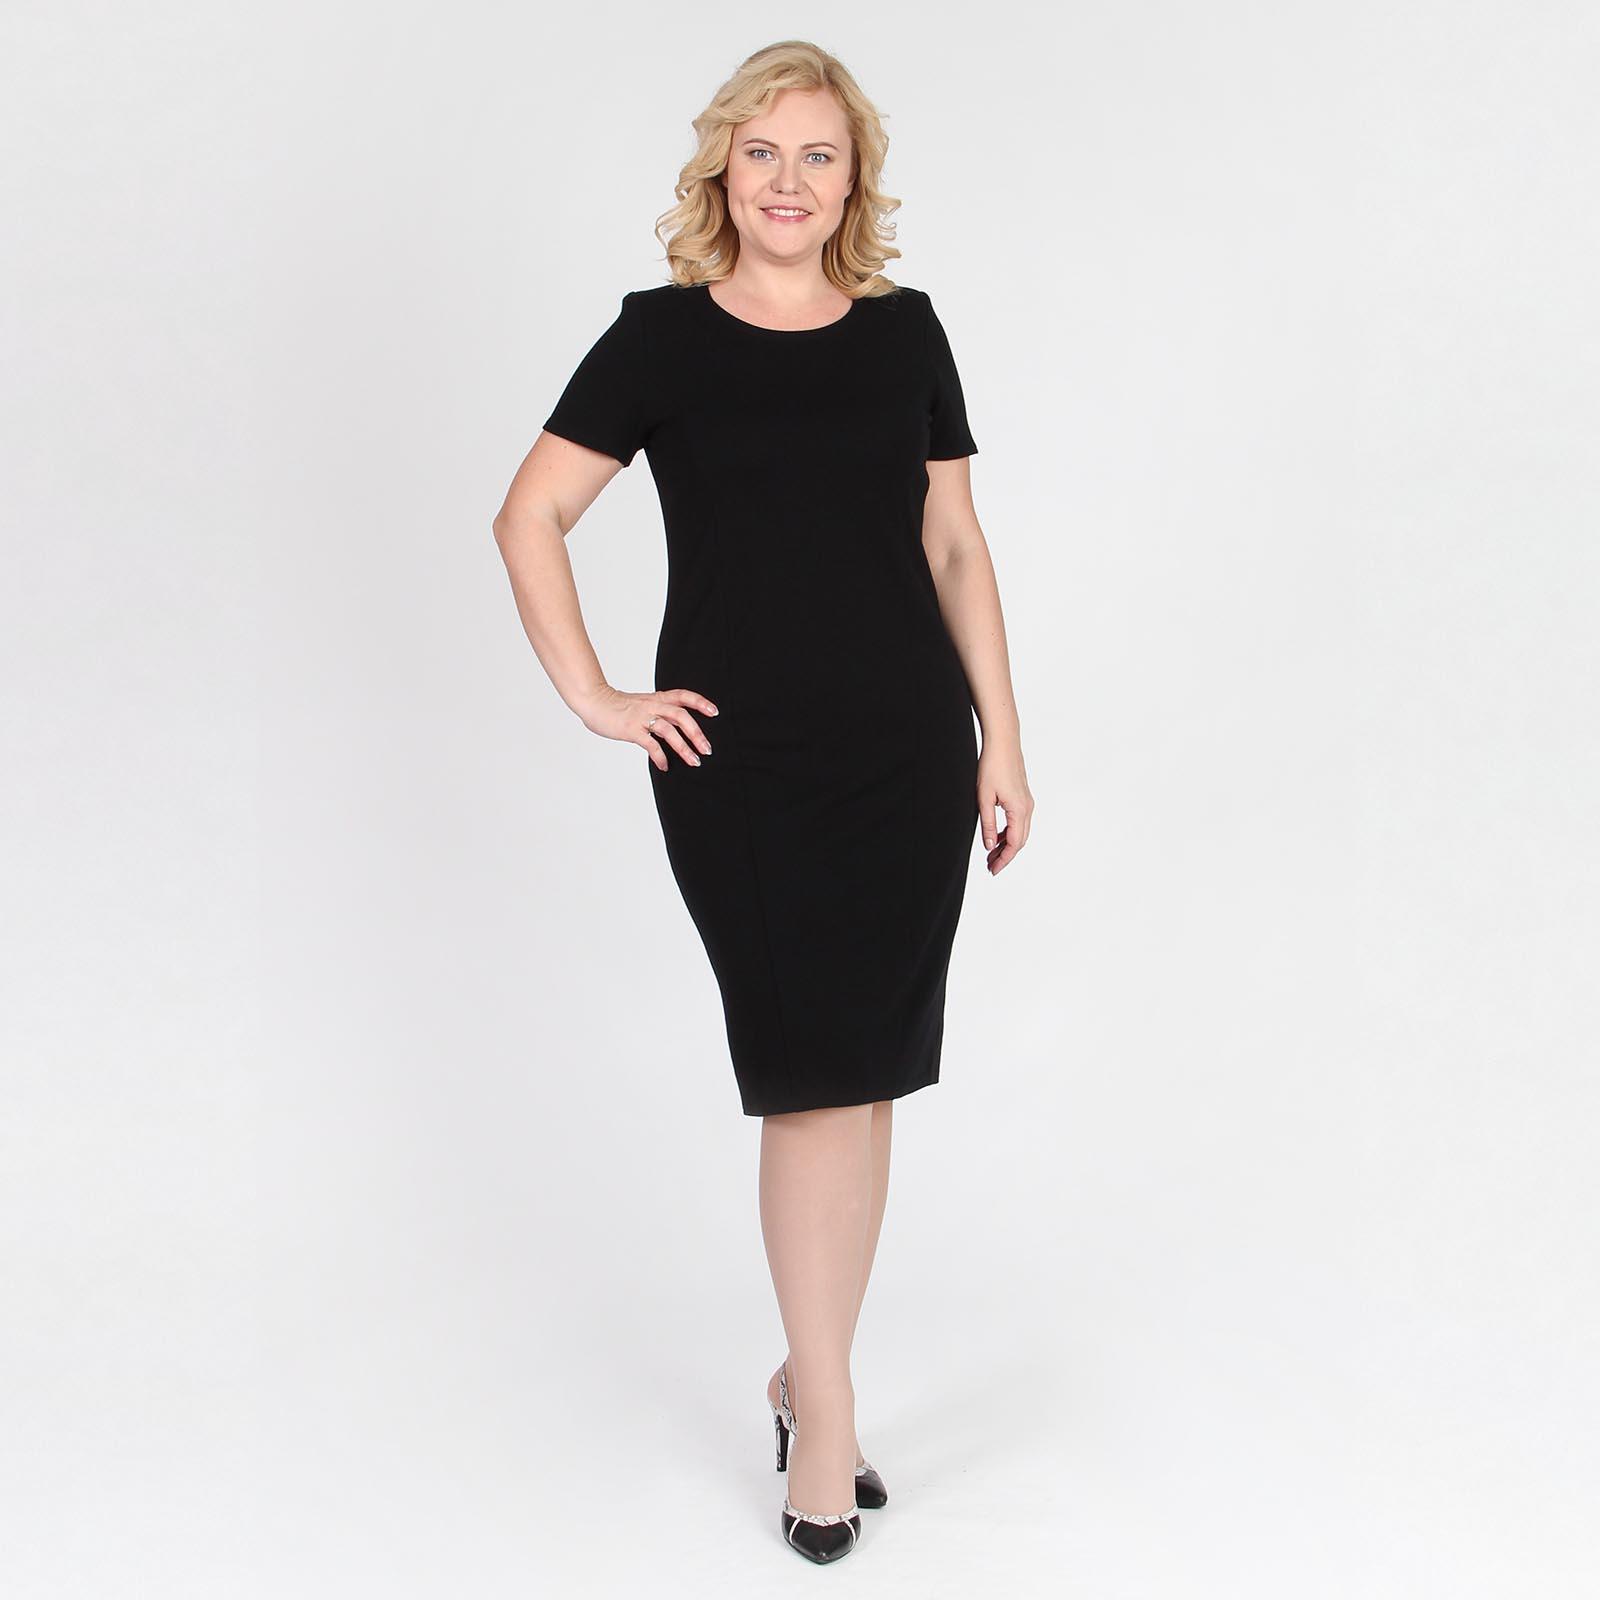 Купить Платье На Высоких В Интернет Магазине